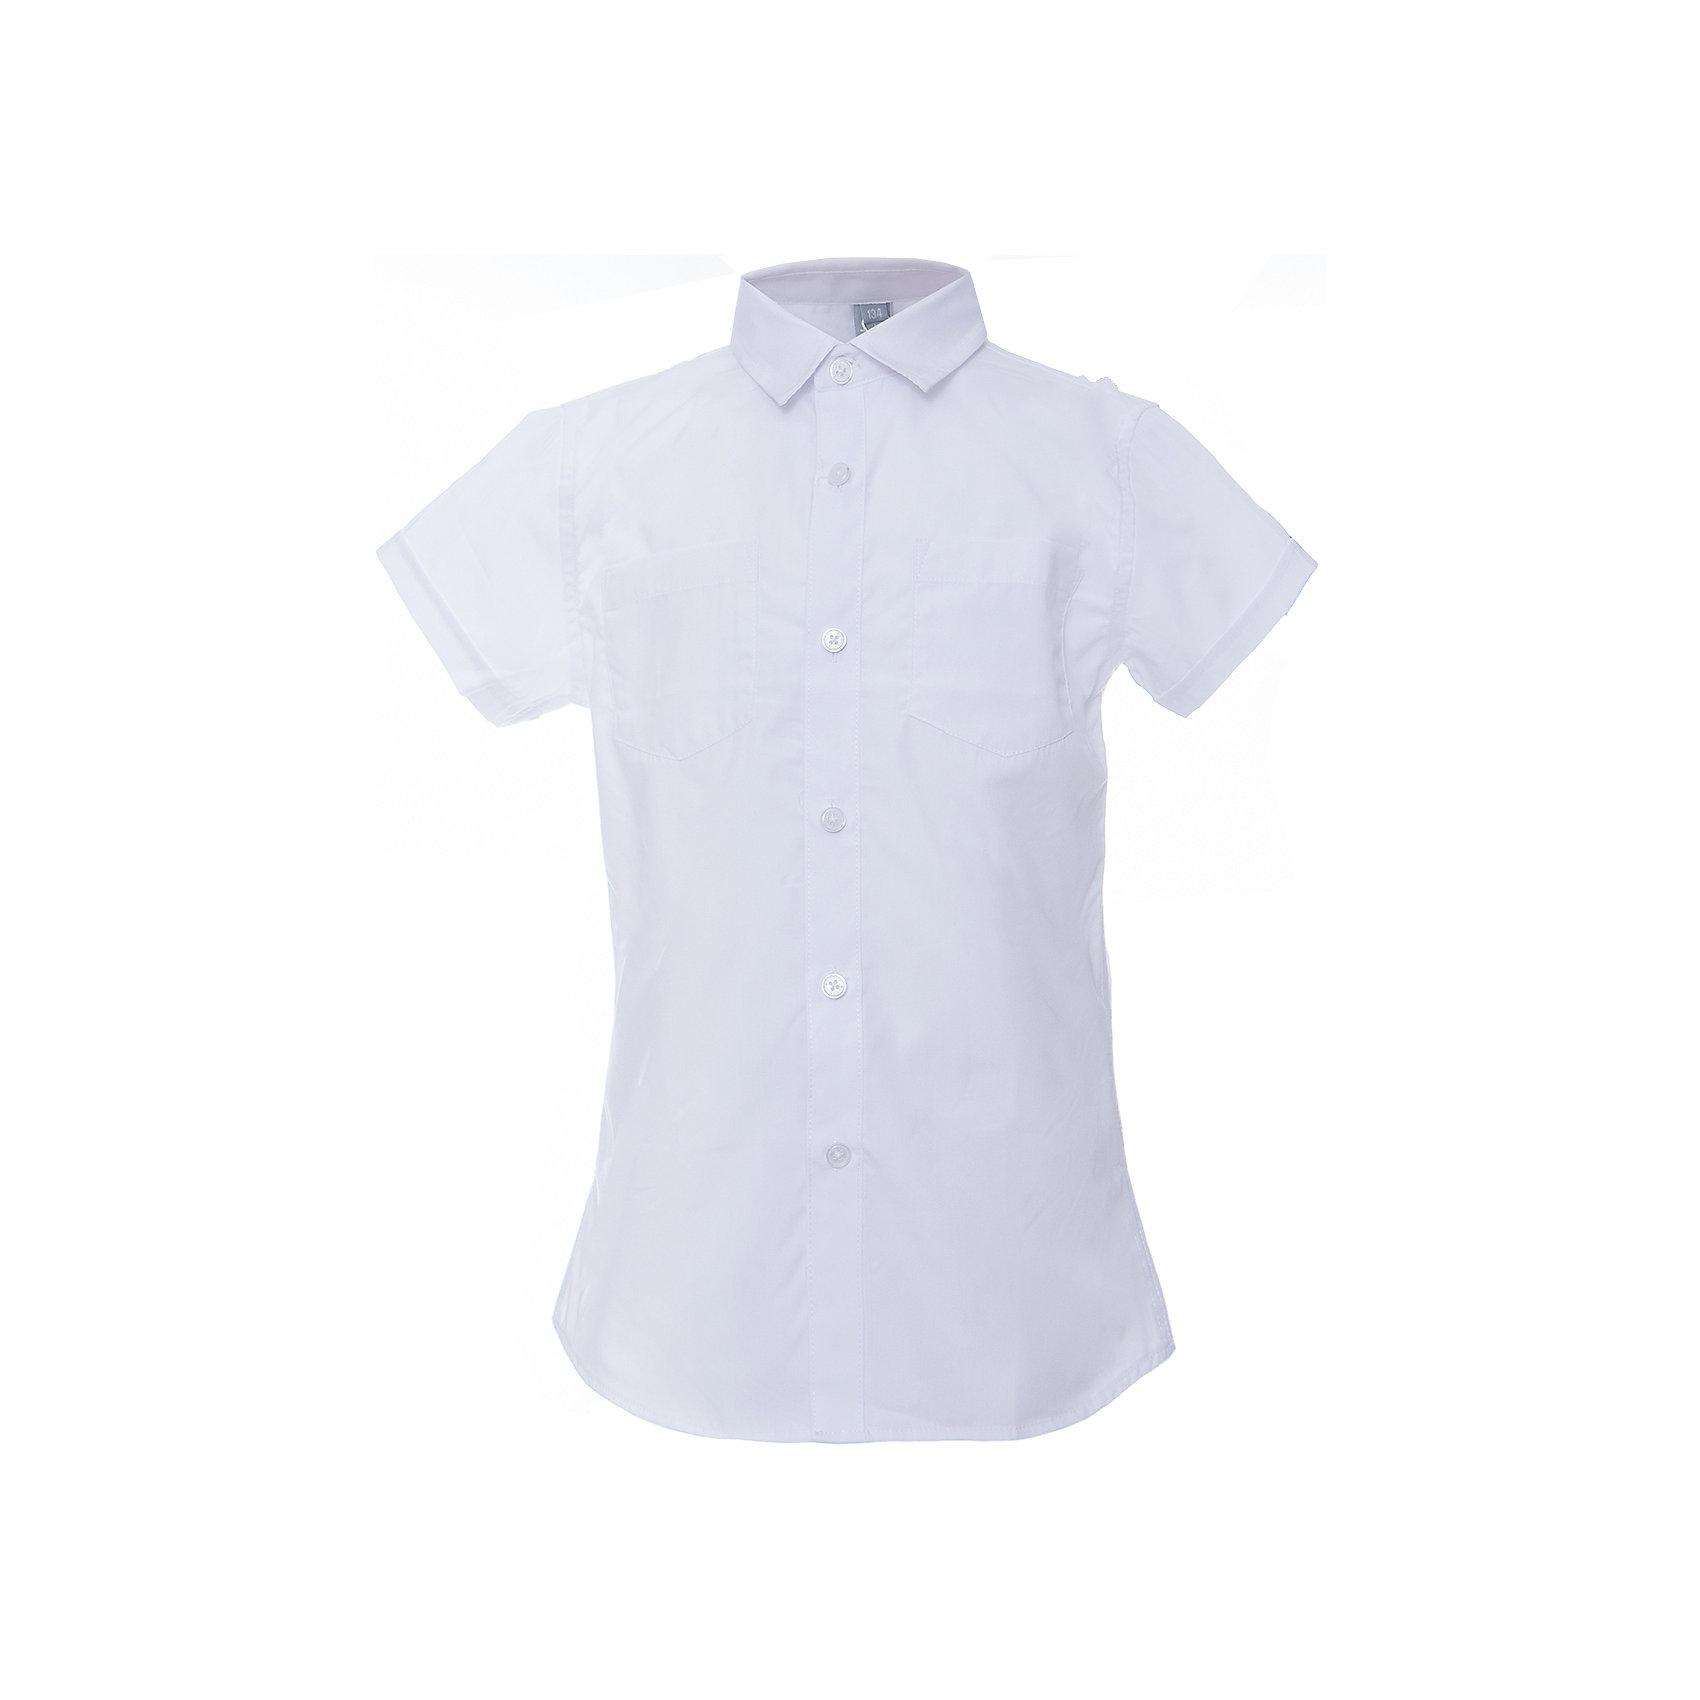 Рубашка для мальчика ScoolБлузки и рубашки<br>Рубашка для мальчика Scool<br>Сорочка с коротким рукавом в классическом стиле выполнена из приятной к телу смесовой ткани. Лекало этой модели полностью повторяет лекало модели для взрослого мужчины. Сорочка хорошо сочетается с костюмом в деловом стиле и джинсами.<br>Состав:<br>45% хлопок, 55% полиэстер<br><br>Ширина мм: 174<br>Глубина мм: 10<br>Высота мм: 169<br>Вес г: 157<br>Цвет: белый<br>Возраст от месяцев: 108<br>Возраст до месяцев: 120<br>Пол: Мужской<br>Возраст: Детский<br>Размер: 140,146,152,158,164,122,128,134<br>SKU: 6754489